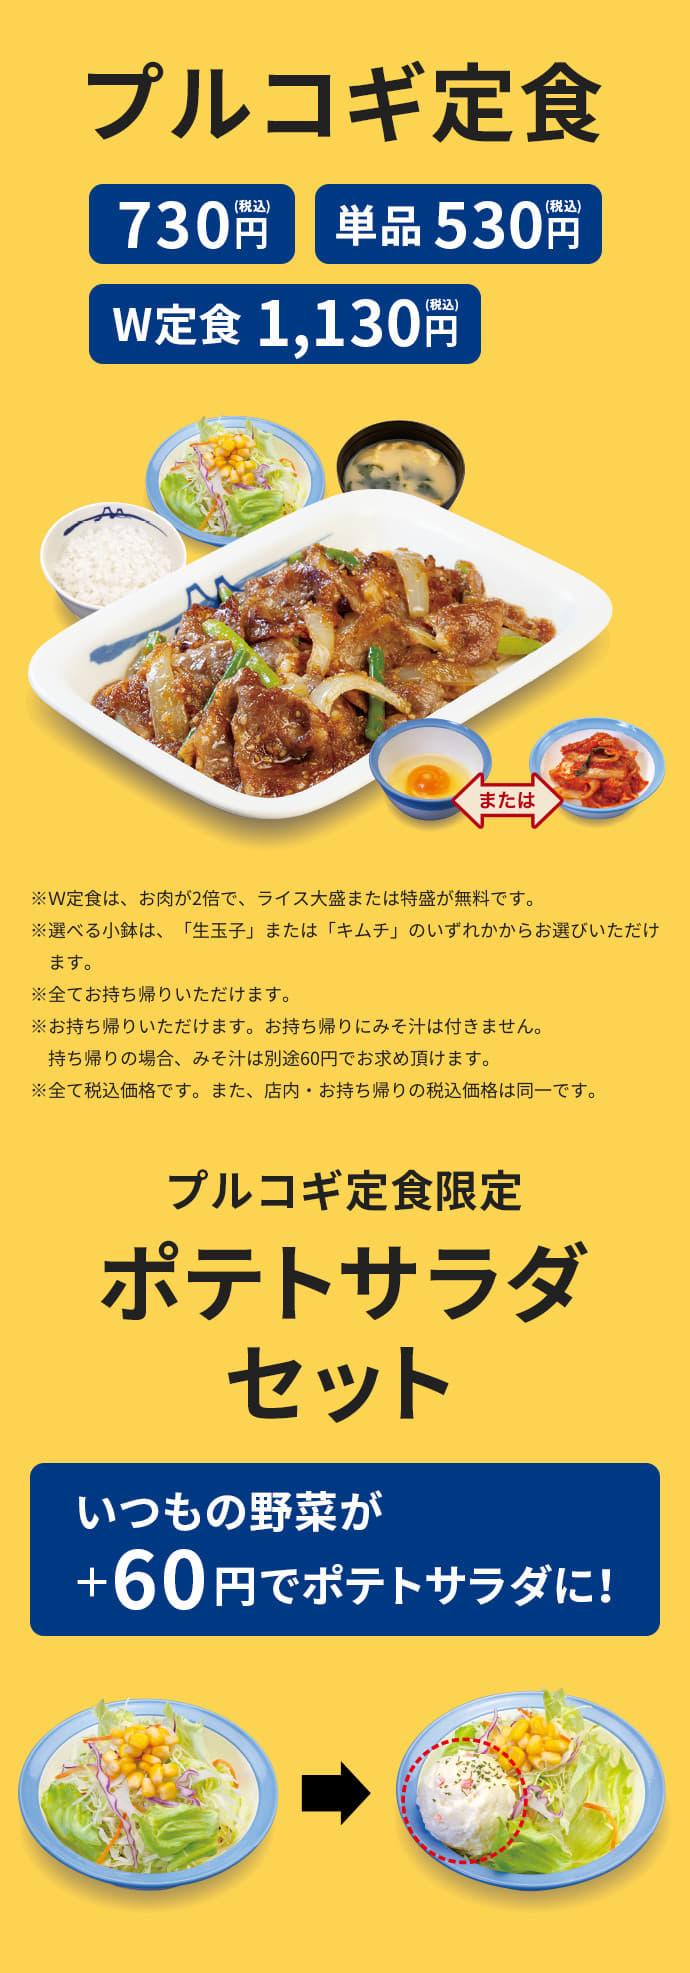 シュクメルリ鍋定食 790円(ライス・生野菜・みそ汁付き) シュクメルリライスセット 730円(ライス・みそ汁付き)